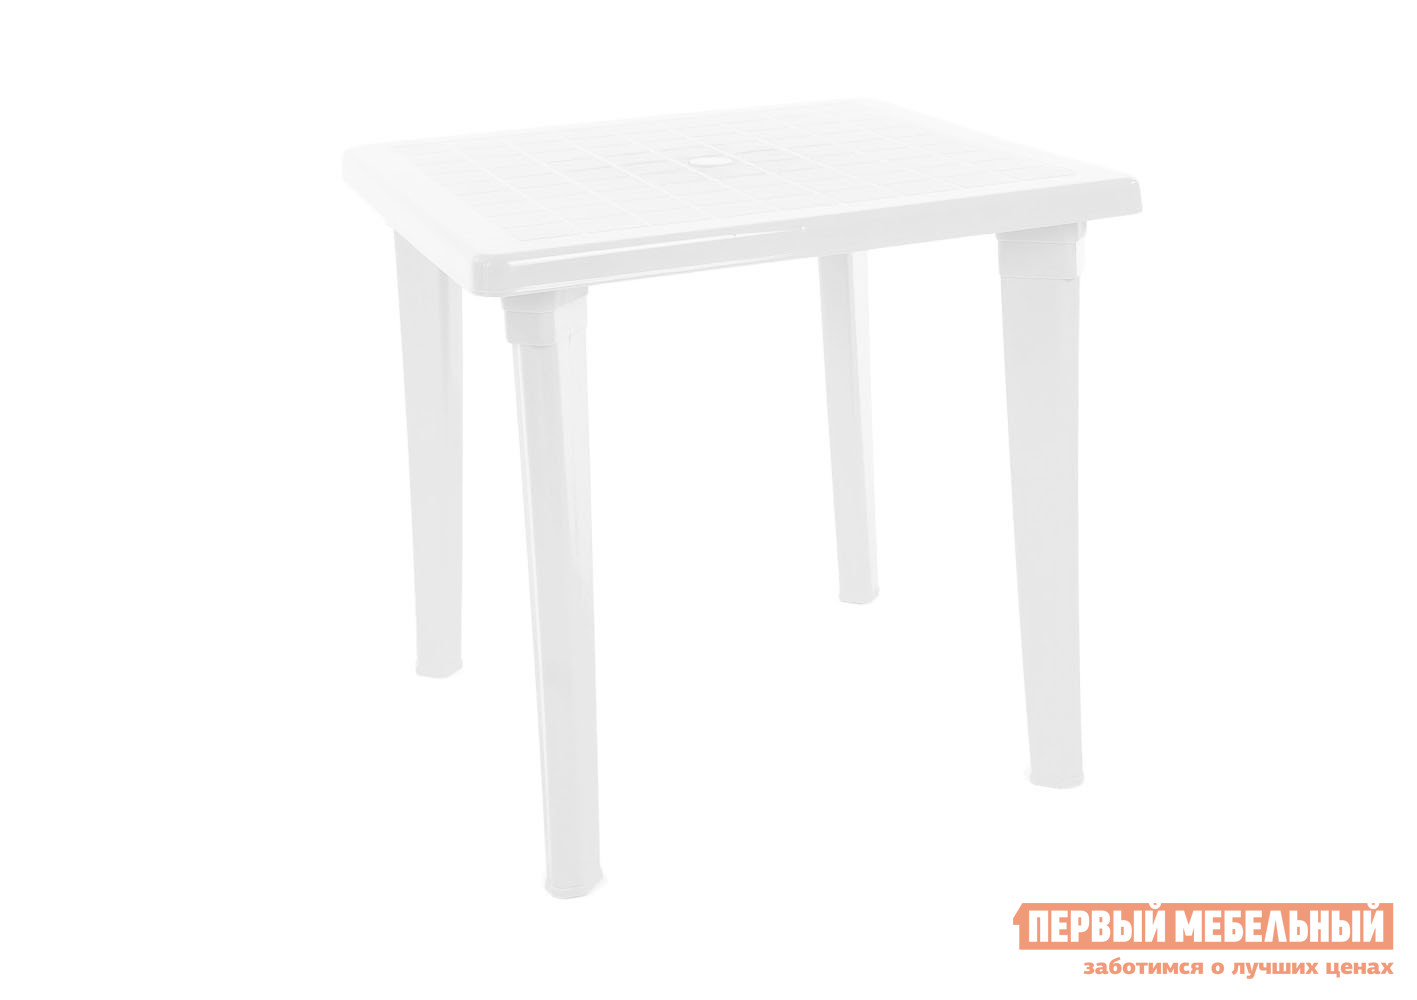 Пластиковый стол ЭЛП Стол квадратный Белый